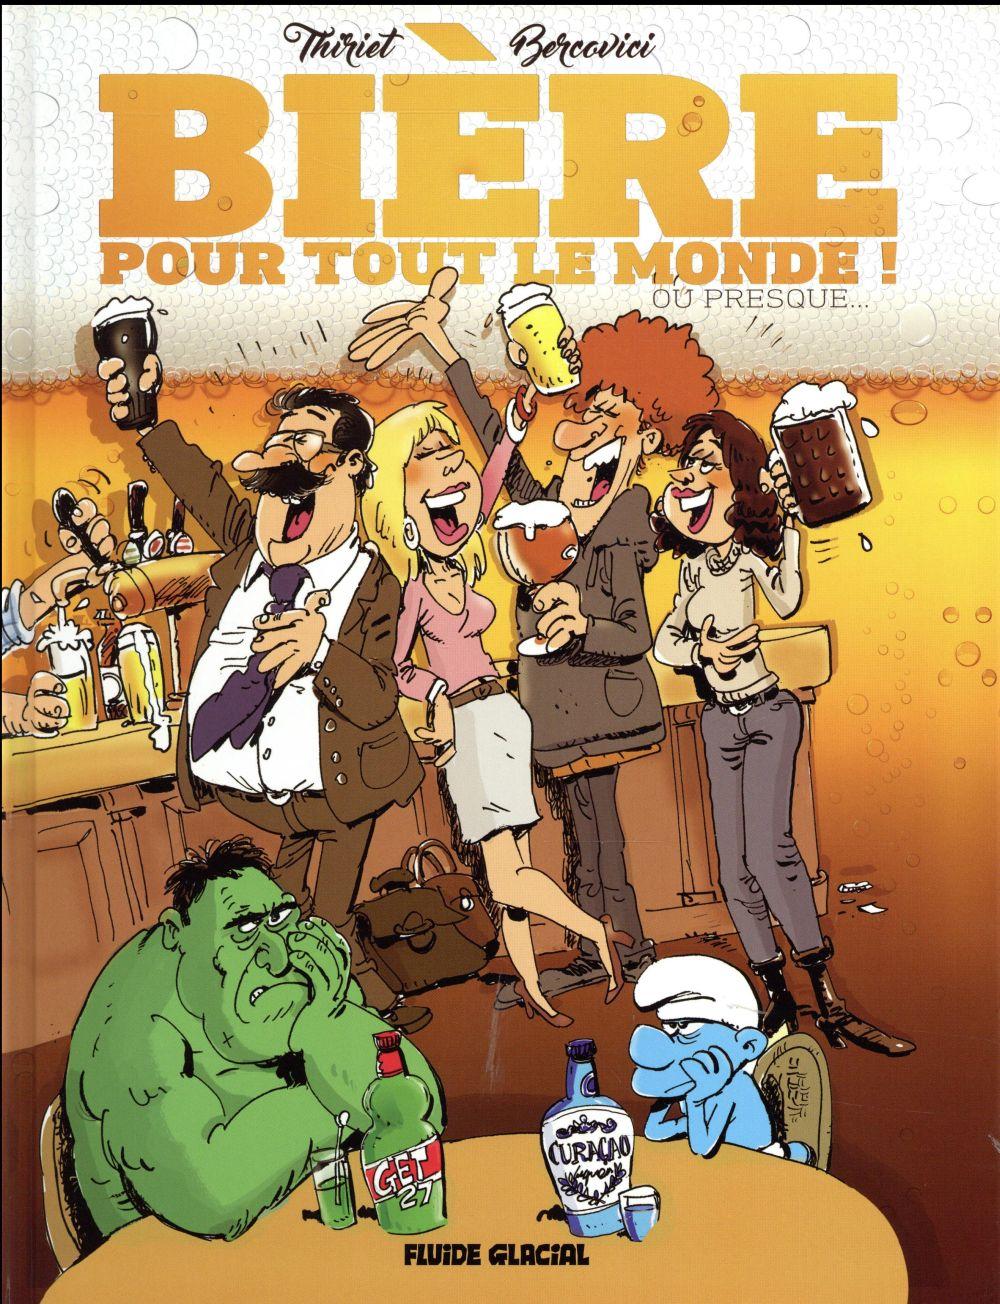 BIERE POUR TOUT LE MONDE ! (OU PRESQUE)